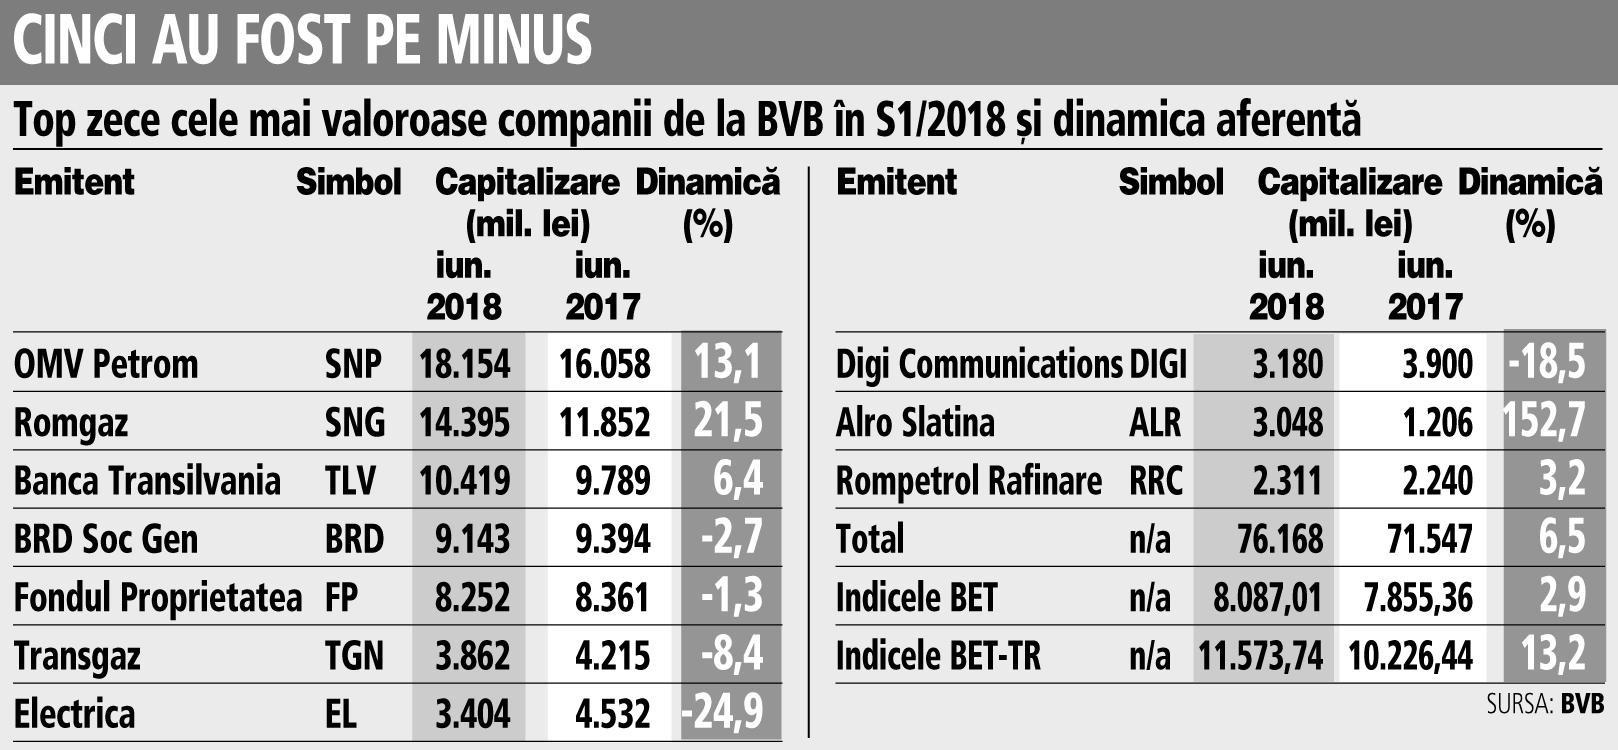 Grafic: Top zece cele mai valoroase companii de la BVB în S1/2018 şi dinamica aferentă